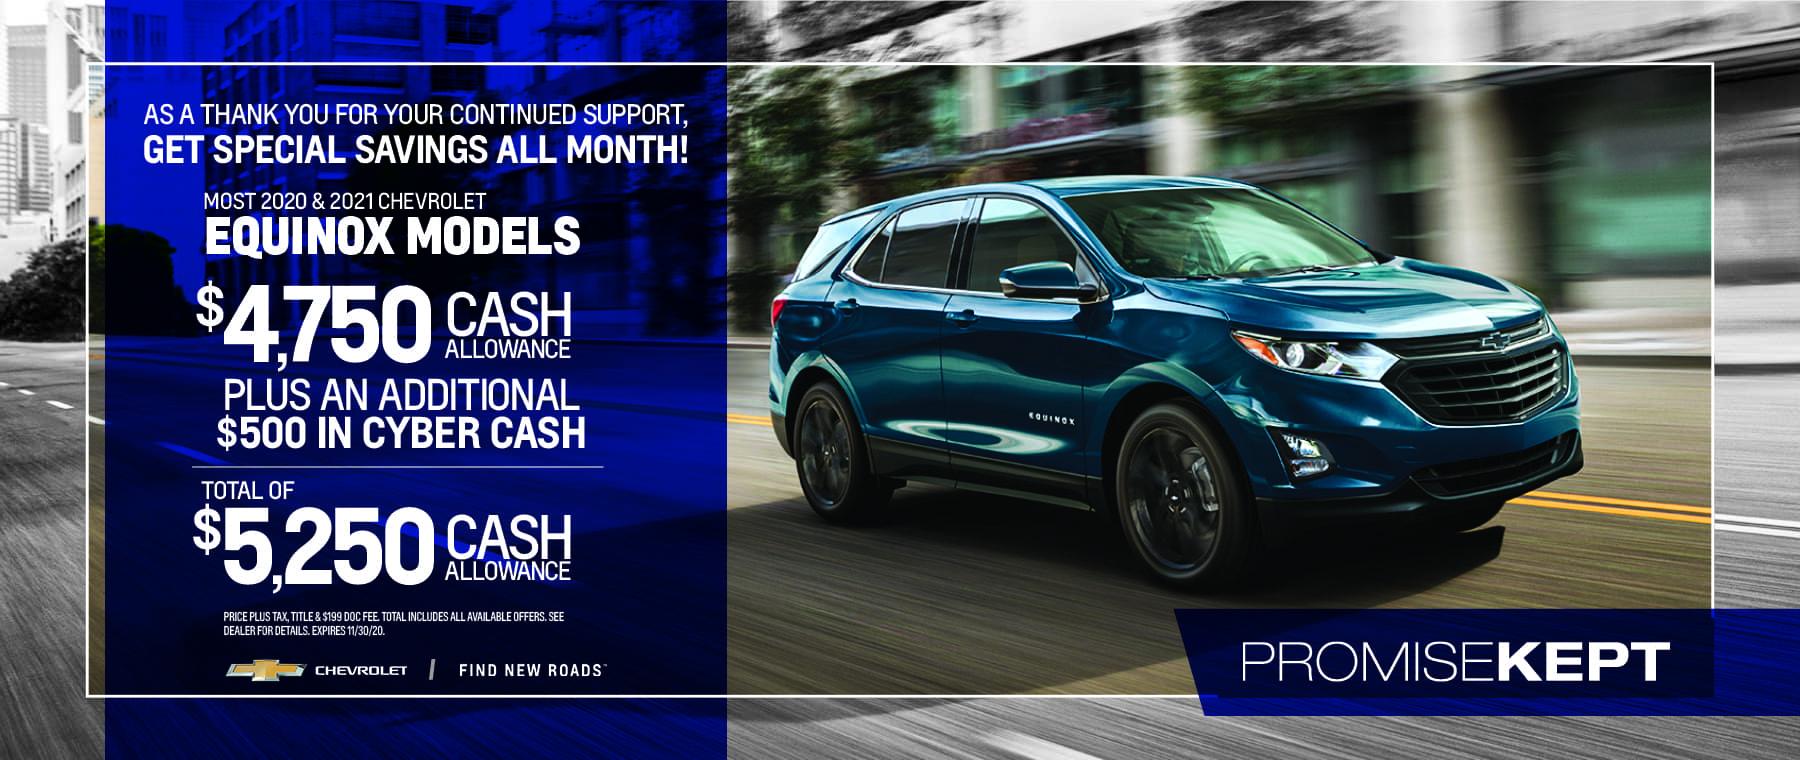 New Chevrolet Equinox - $5,250 cash allowance